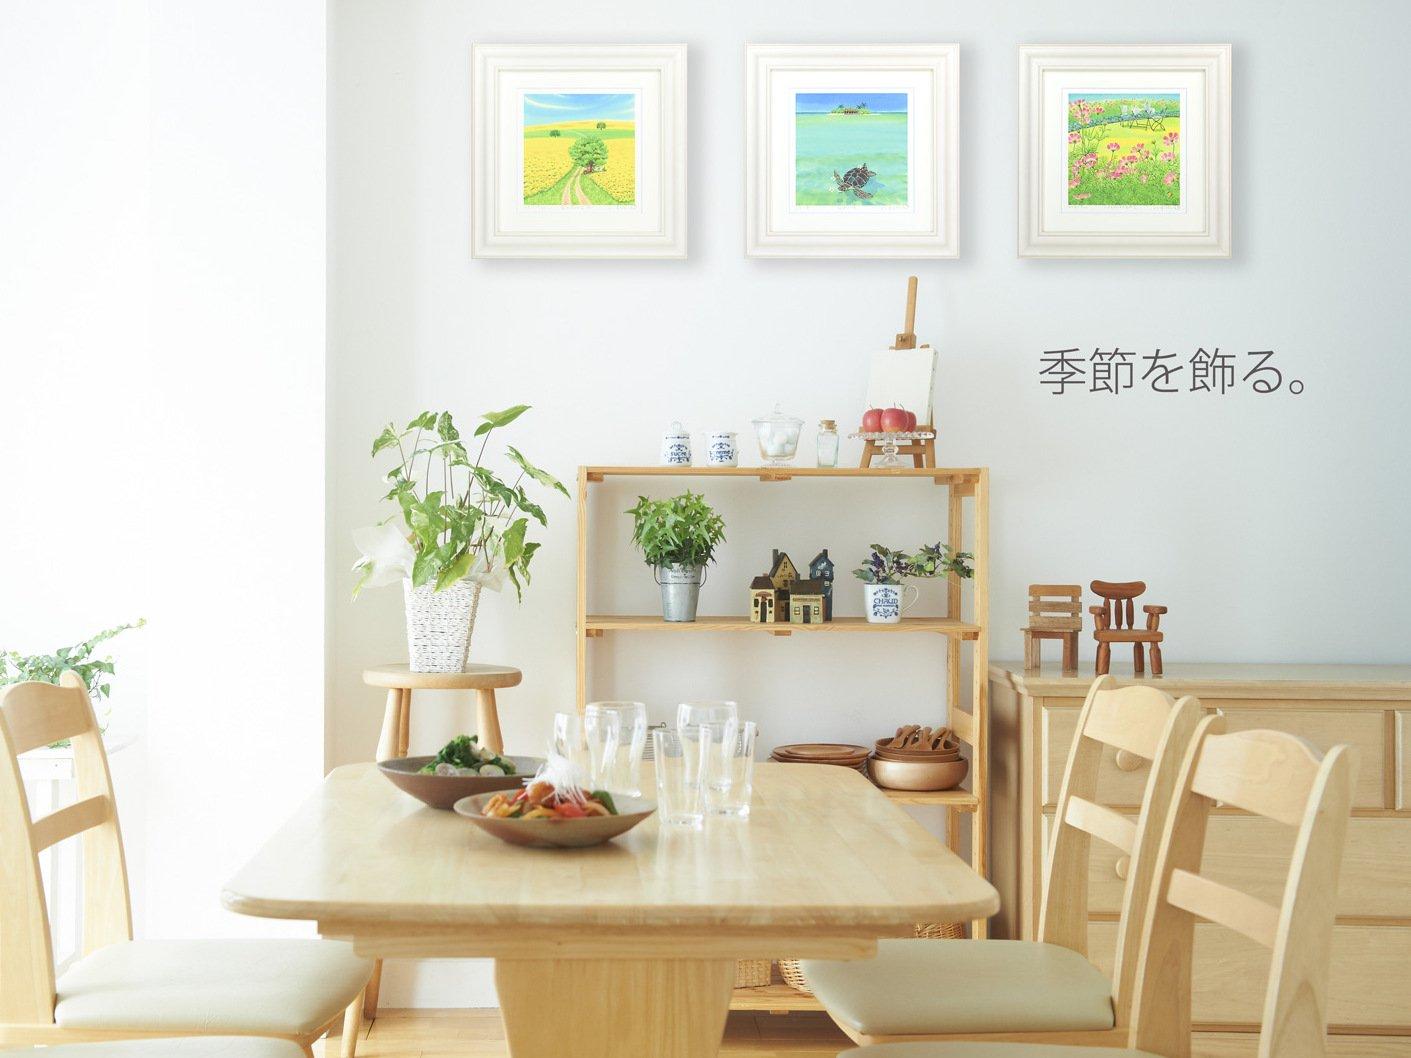 《絵画 水彩画》あけぼの〔栗乃木ハルミ くりのきはるみ 〕